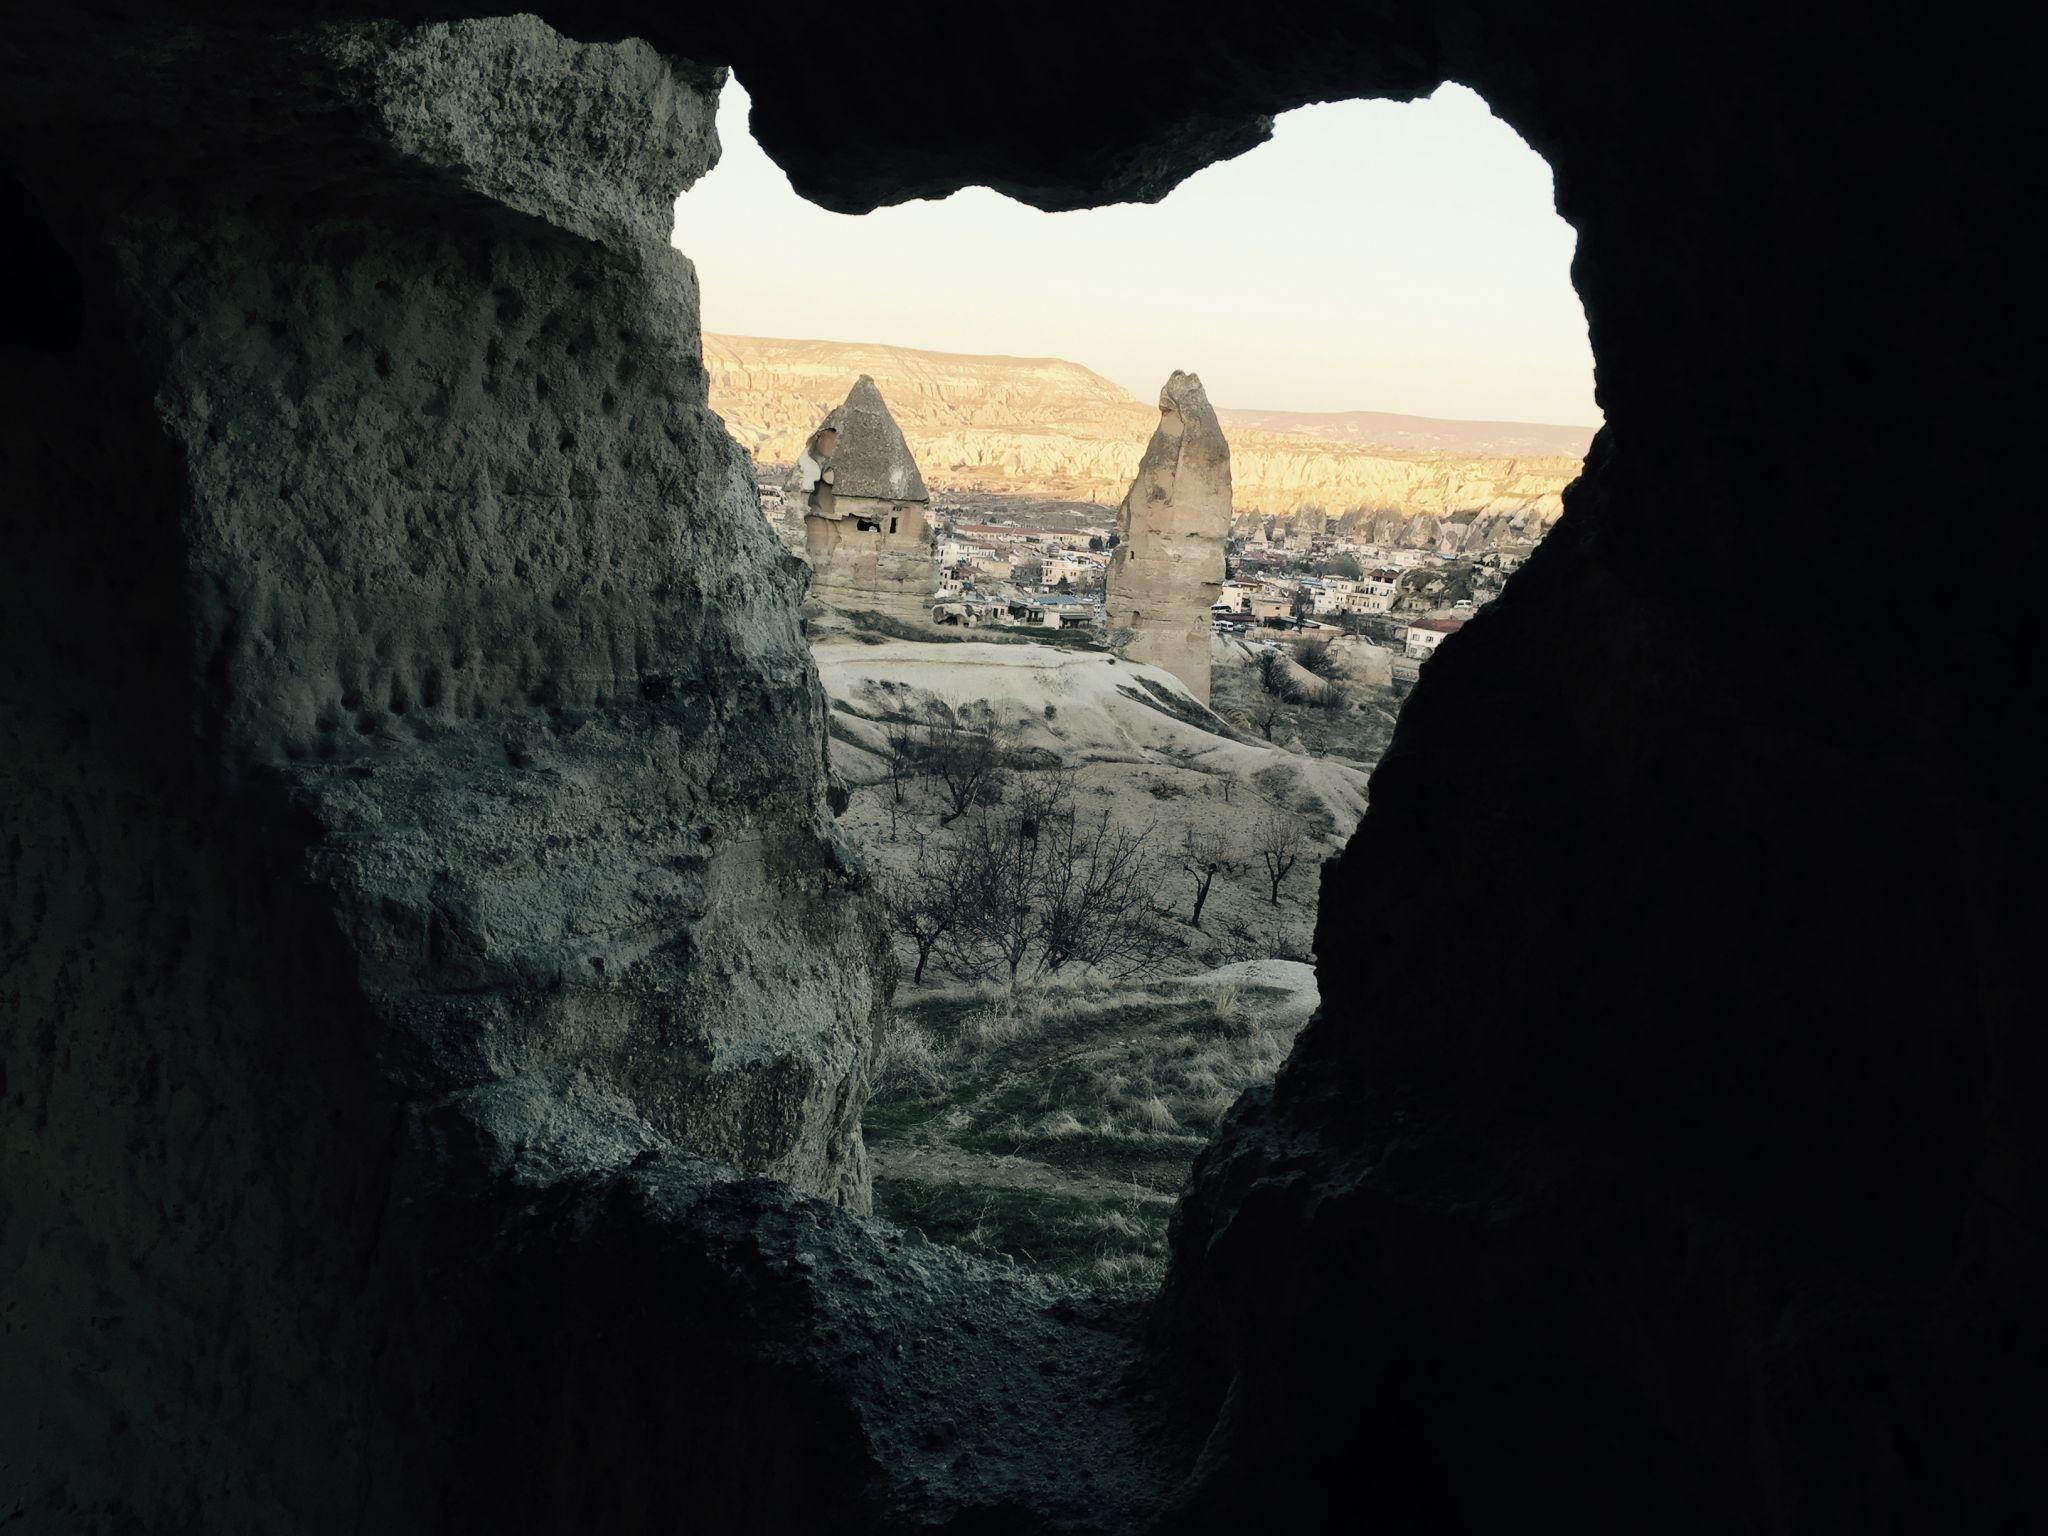 Höhlenliebe bei Sonnenuntergang, Turkey